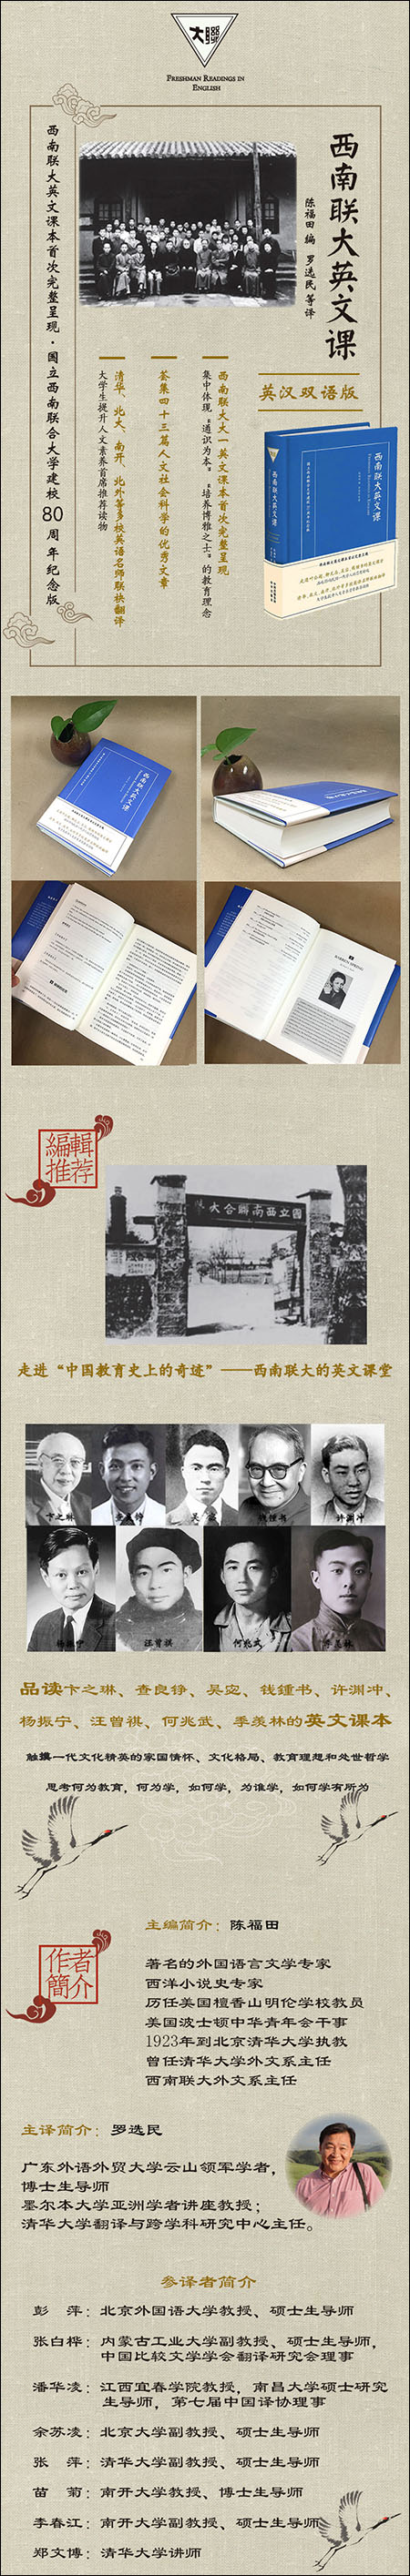 《西南联大英文课英汉双语版》陈福田 kindle电子书